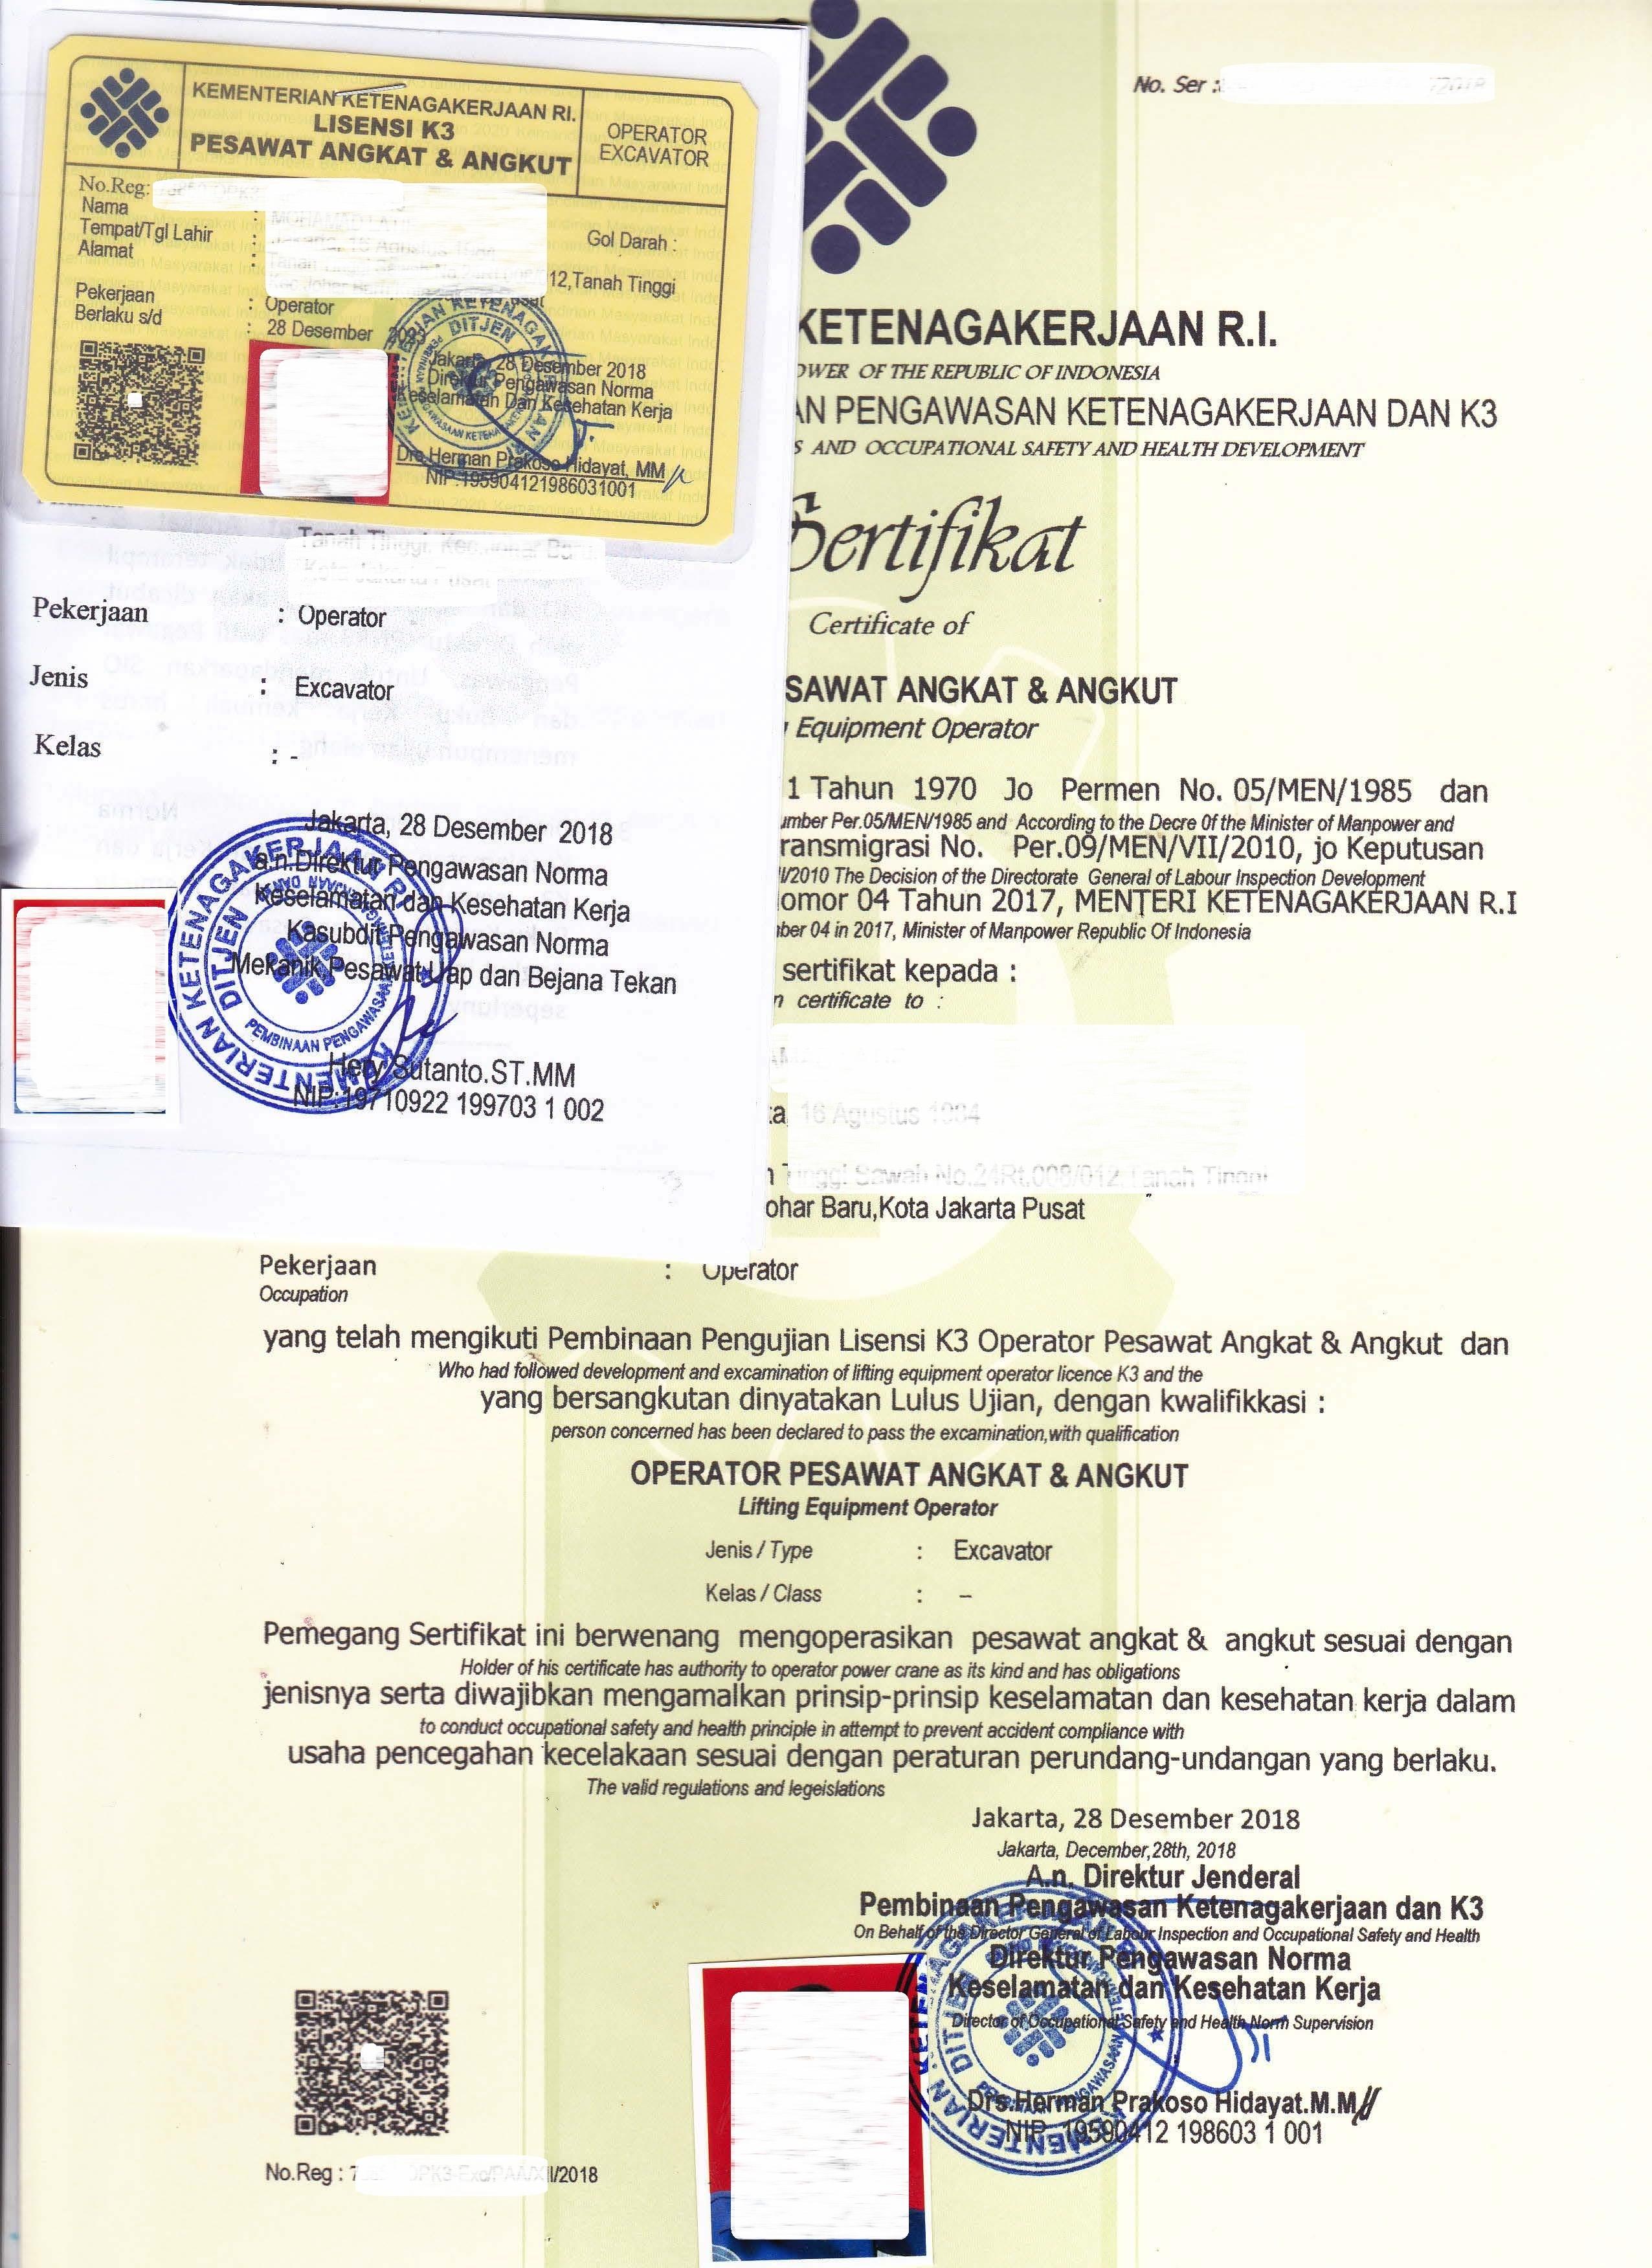 Peraturan Surat Izin Layak Operasi Alat Berat - Dapatkan ...